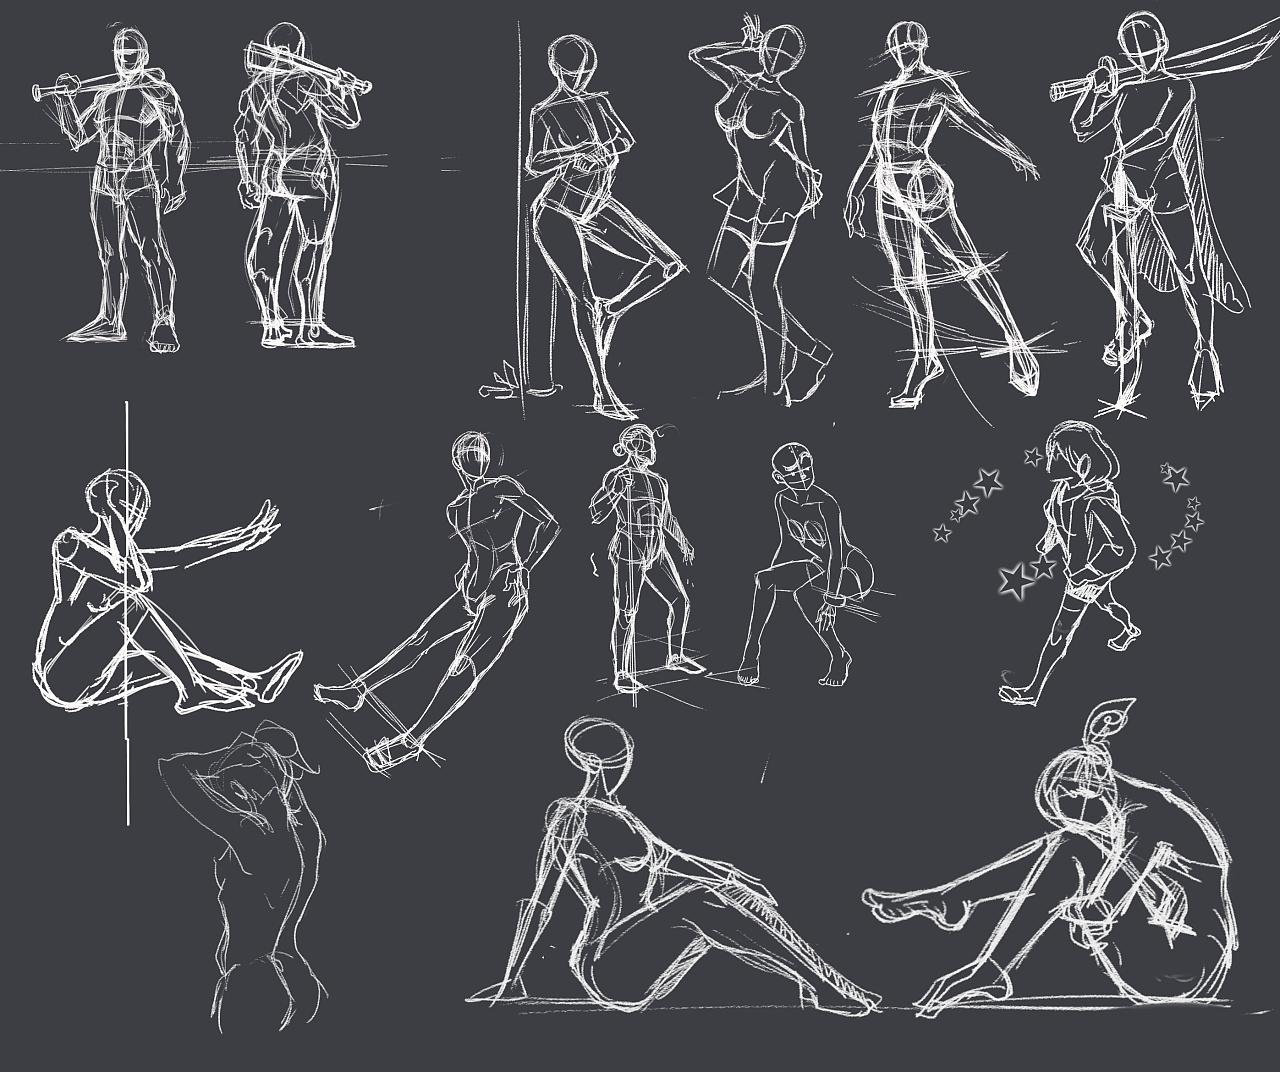 动漫人体结构_那些年画过得人体结构|动漫|单幅漫画|chris - 原创